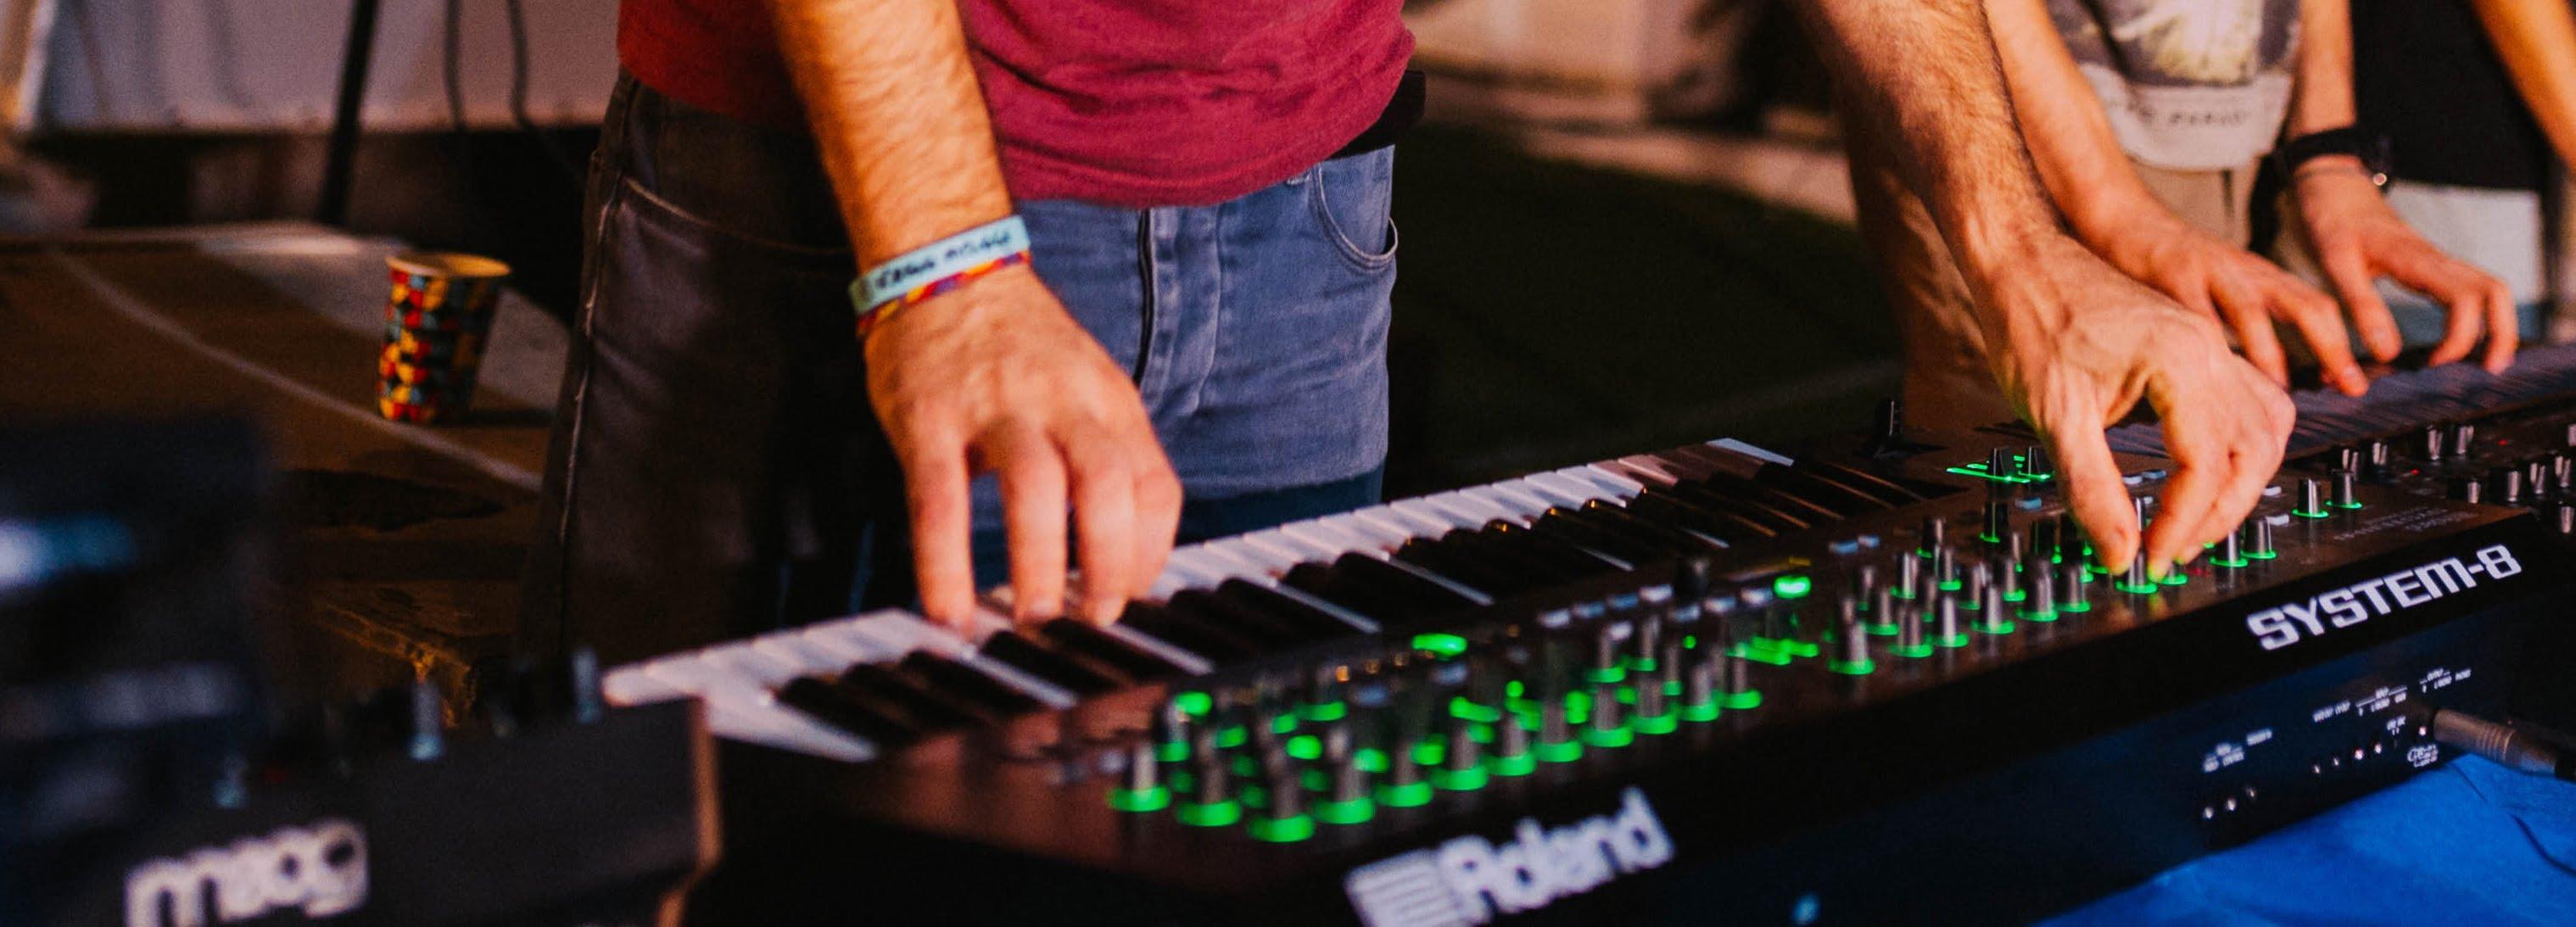 לימודי מוזיקה בישראל - מכללת BPM